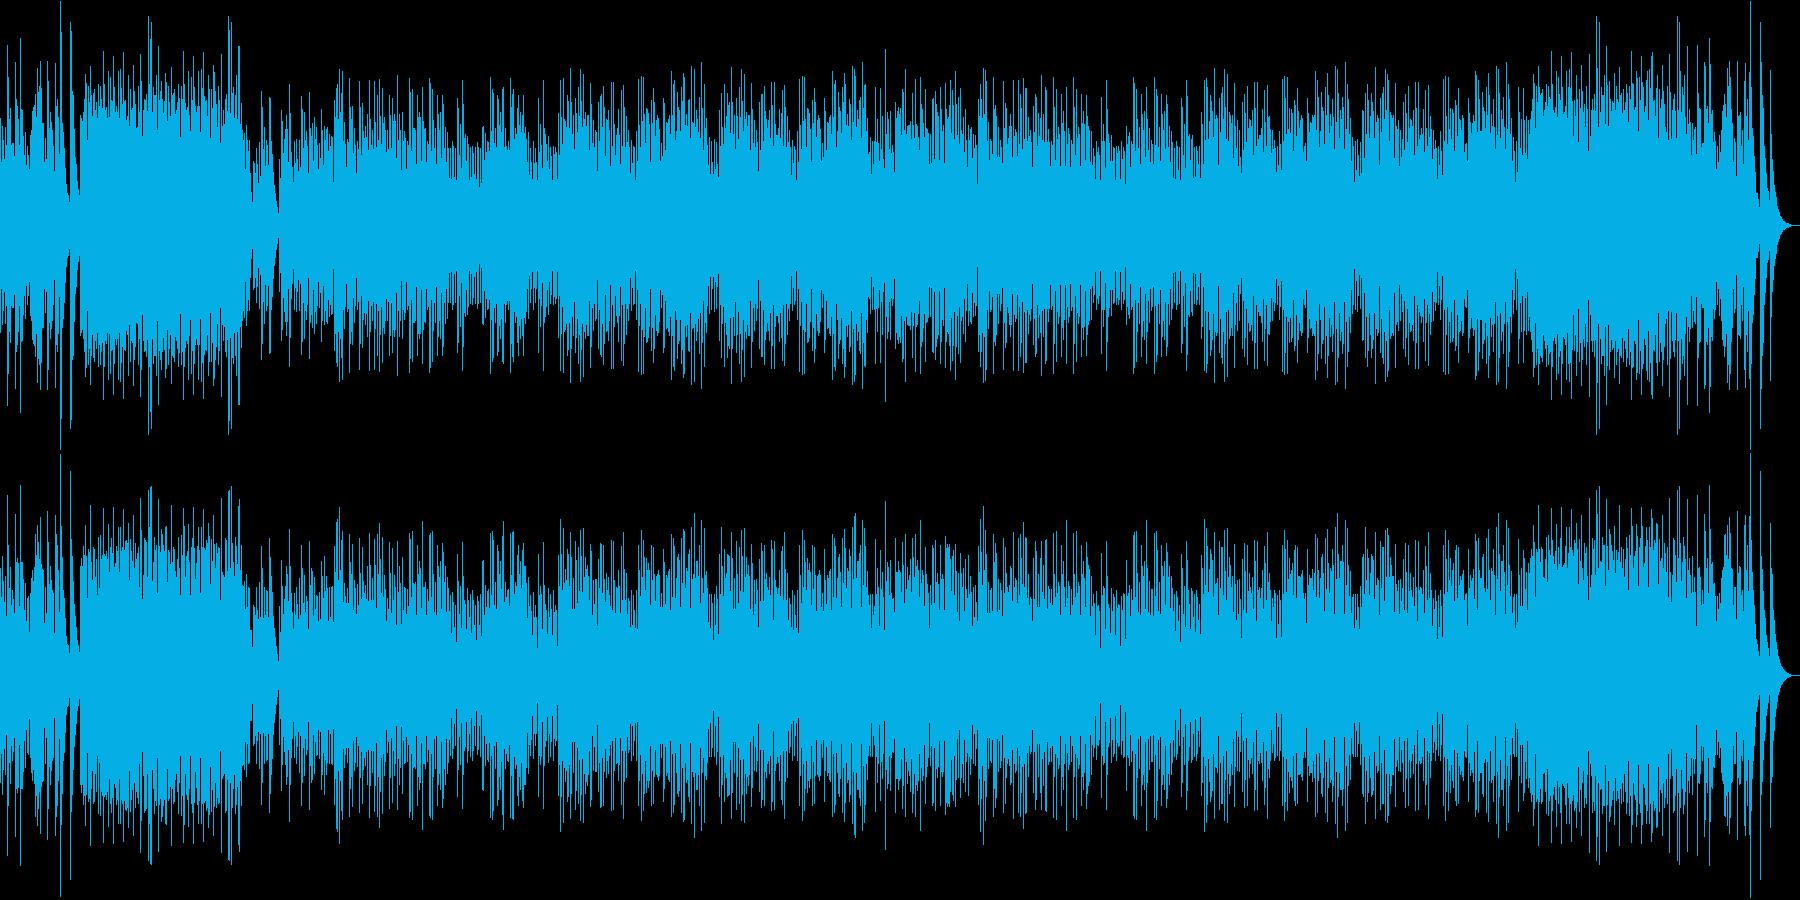 穏やかで暗さもあるオルゴール曲の再生済みの波形